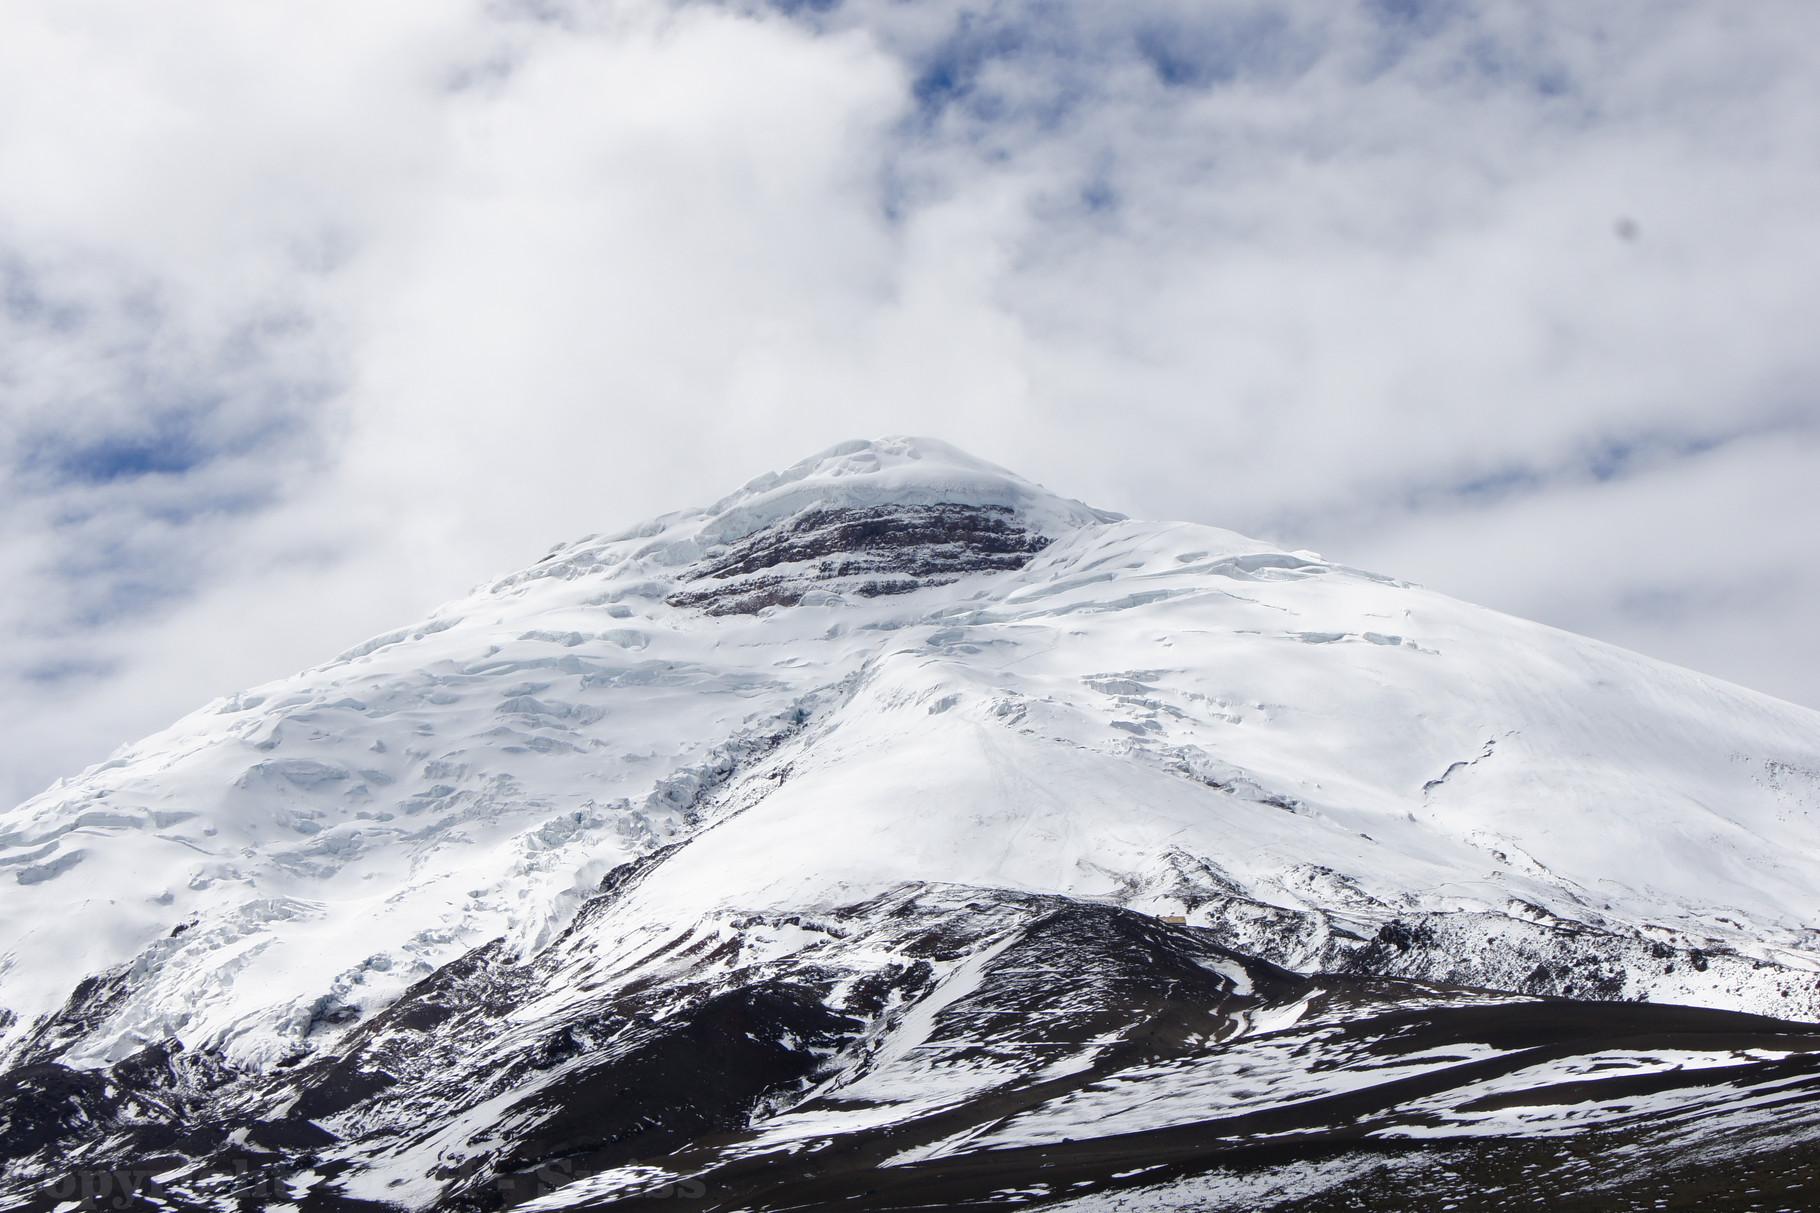 Der Cotopaxi - mit 5'897m der höchste aktive Vulkan der Welt